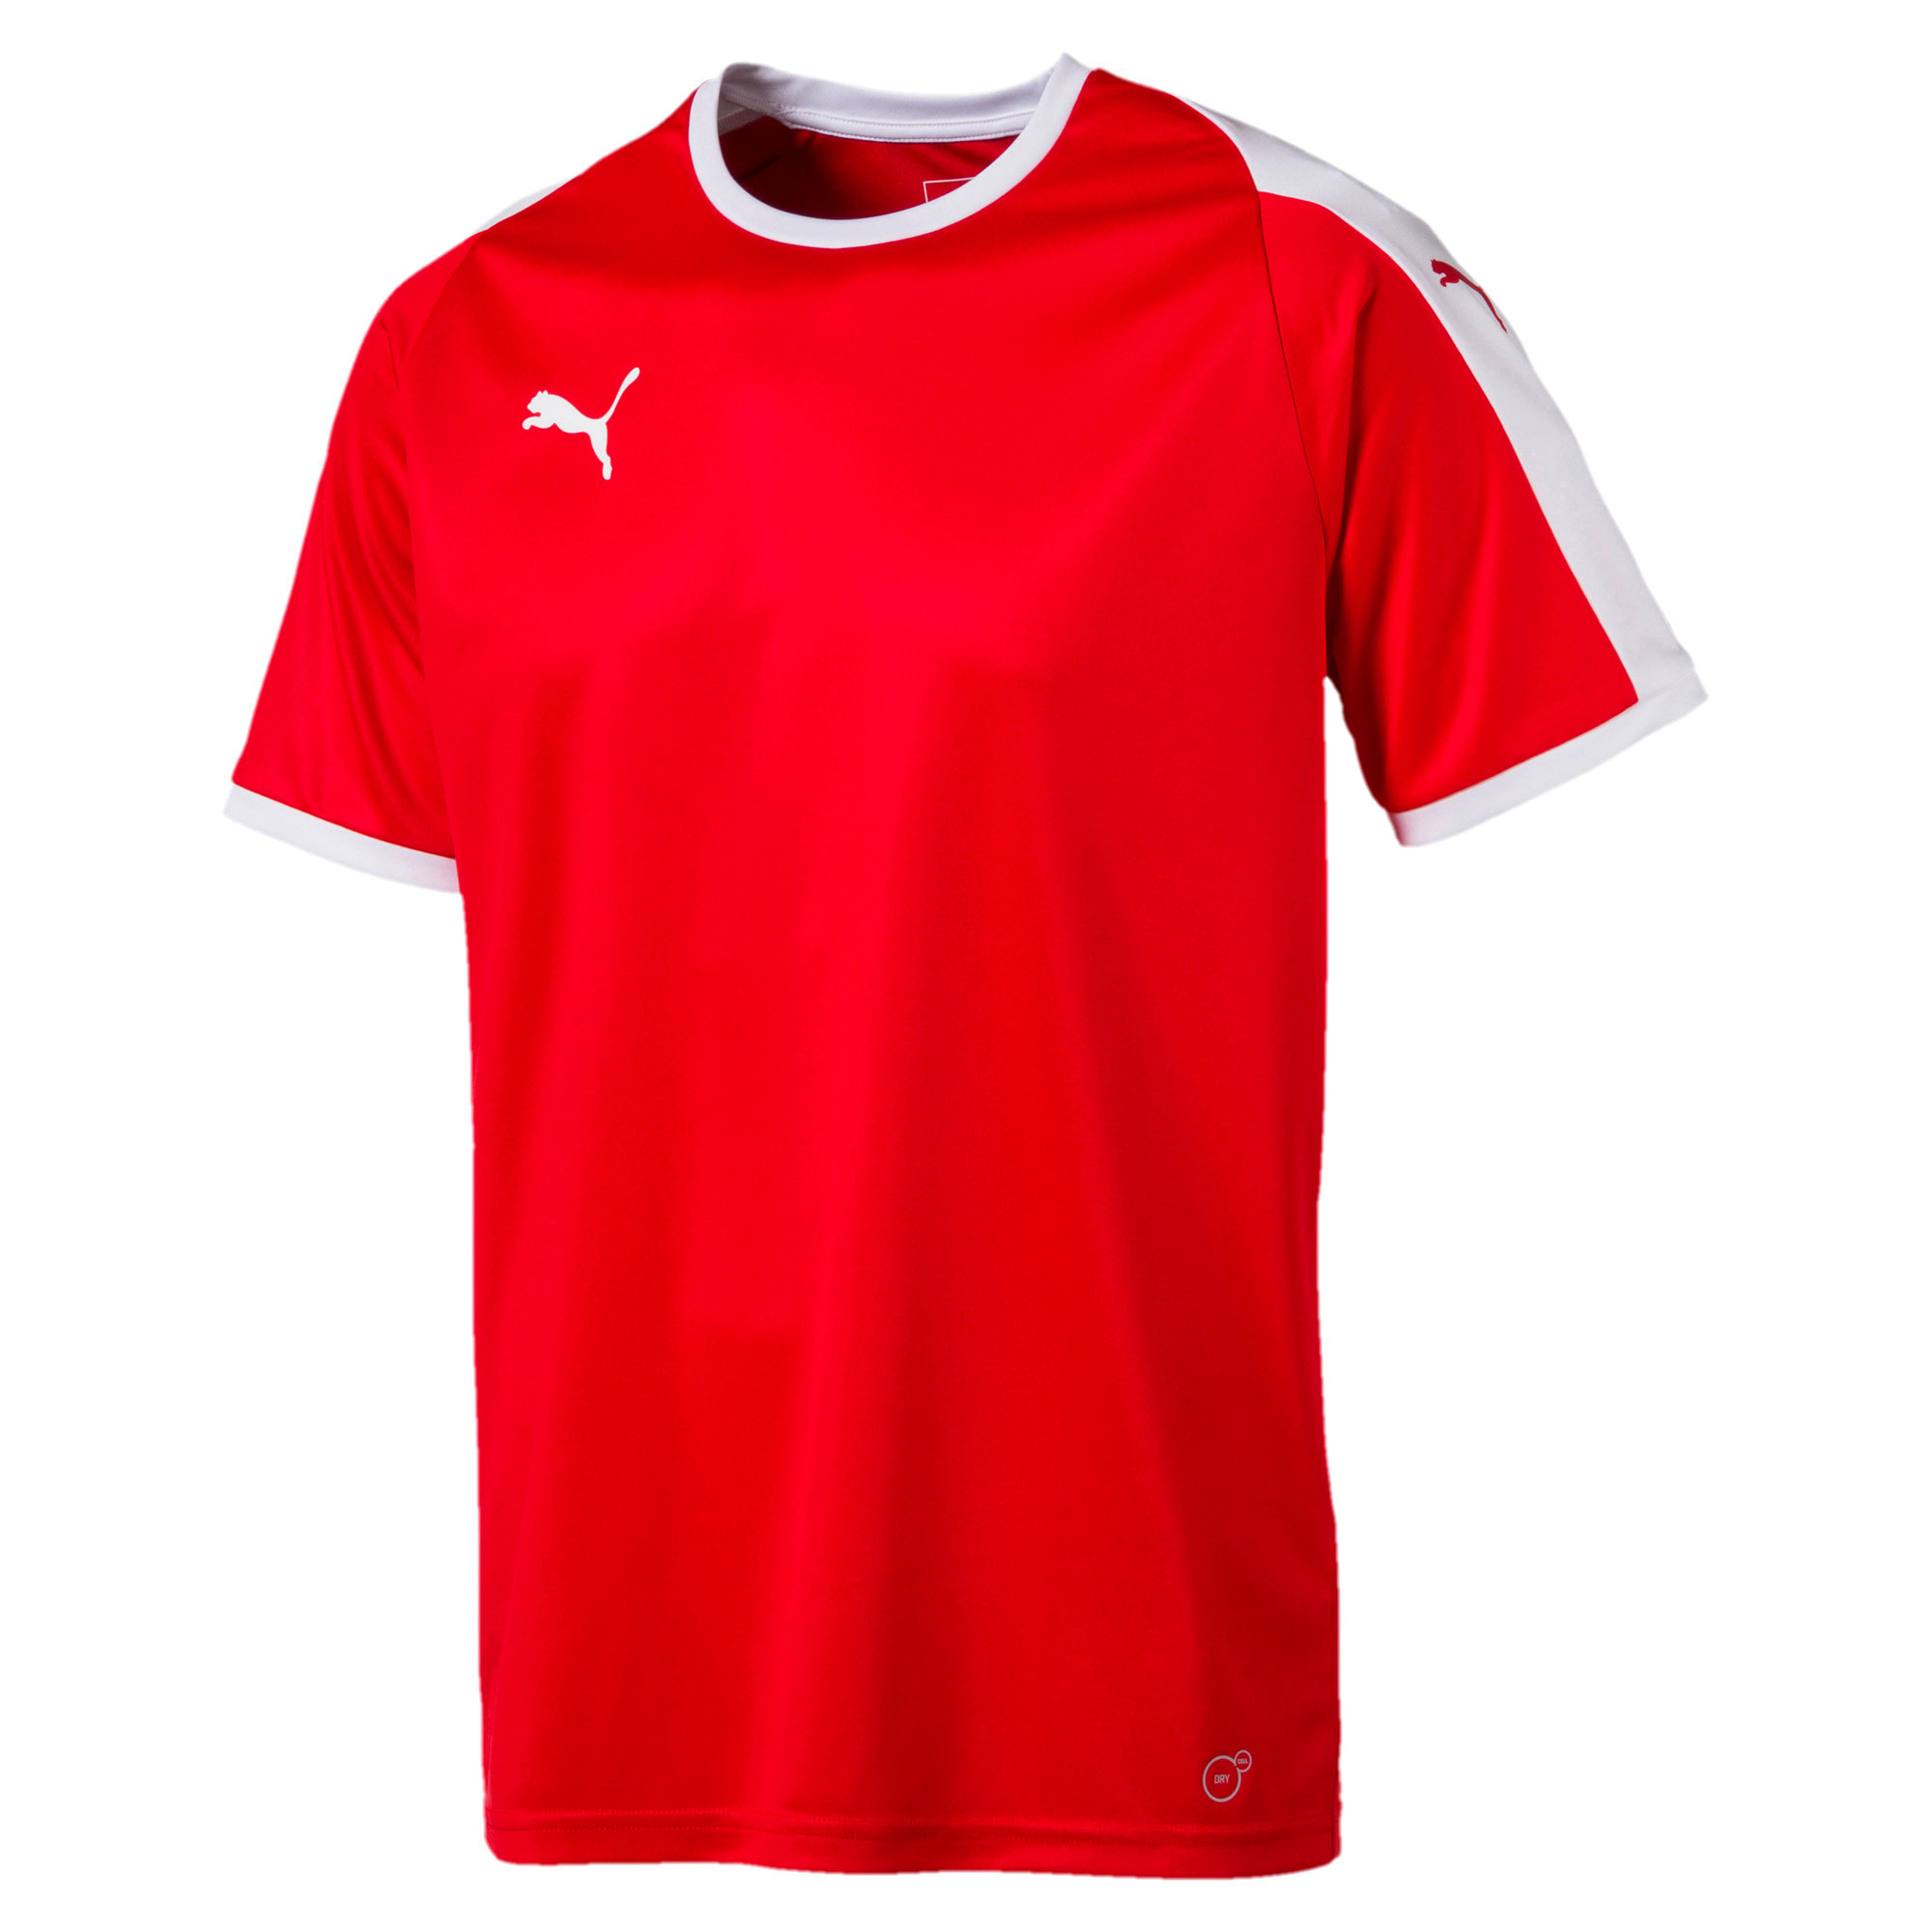 Thumbnail 4 of Liga shirt voor heren, Puma Red-Puma White, medium